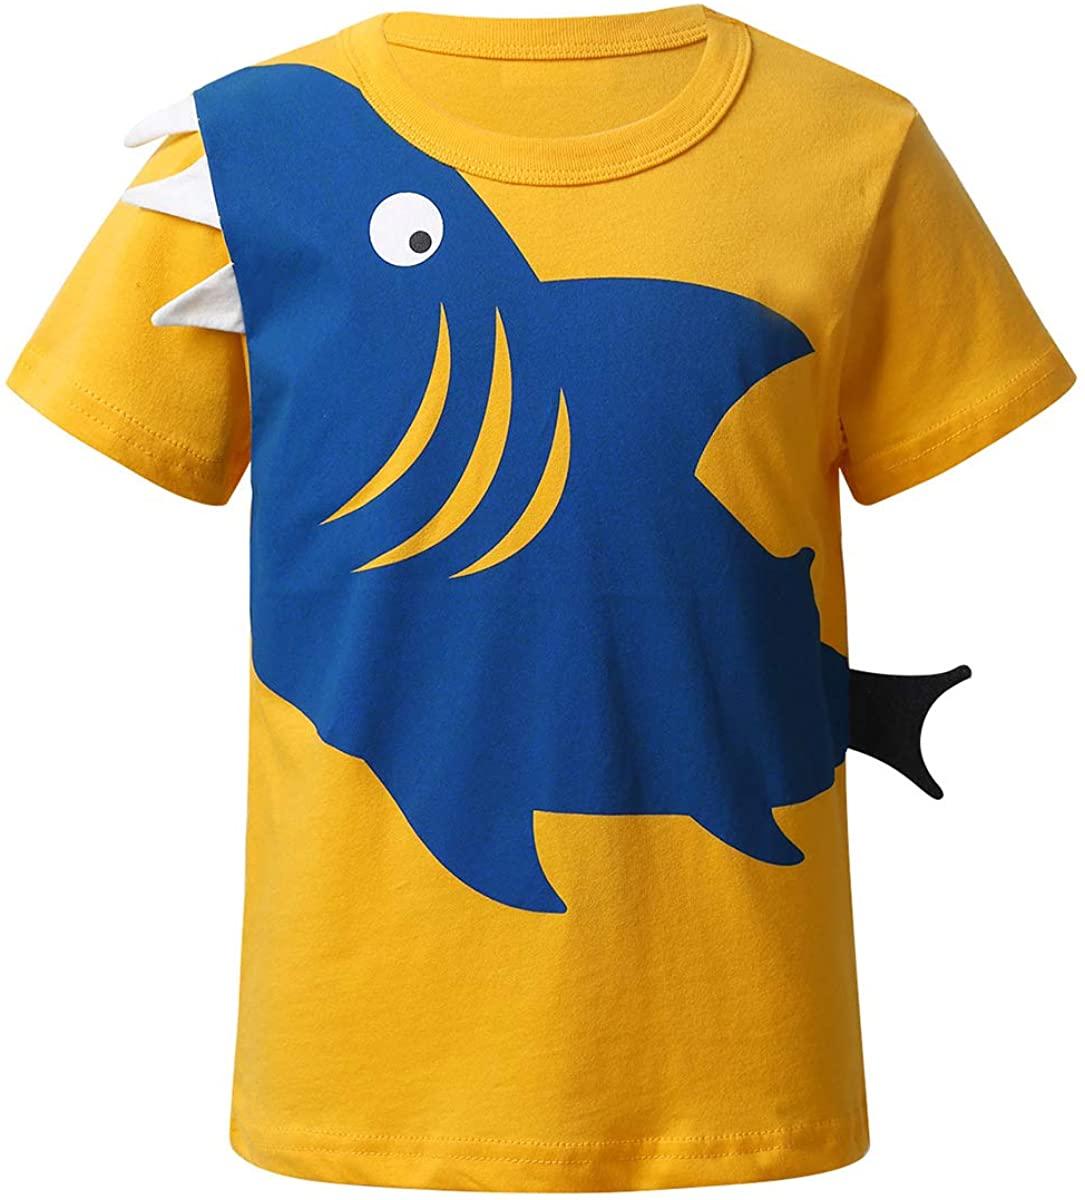 Kaerm Kids Boys Short Sleeves Shark Casual Wear Party Tees Summer Sport Shirt Class Uniform